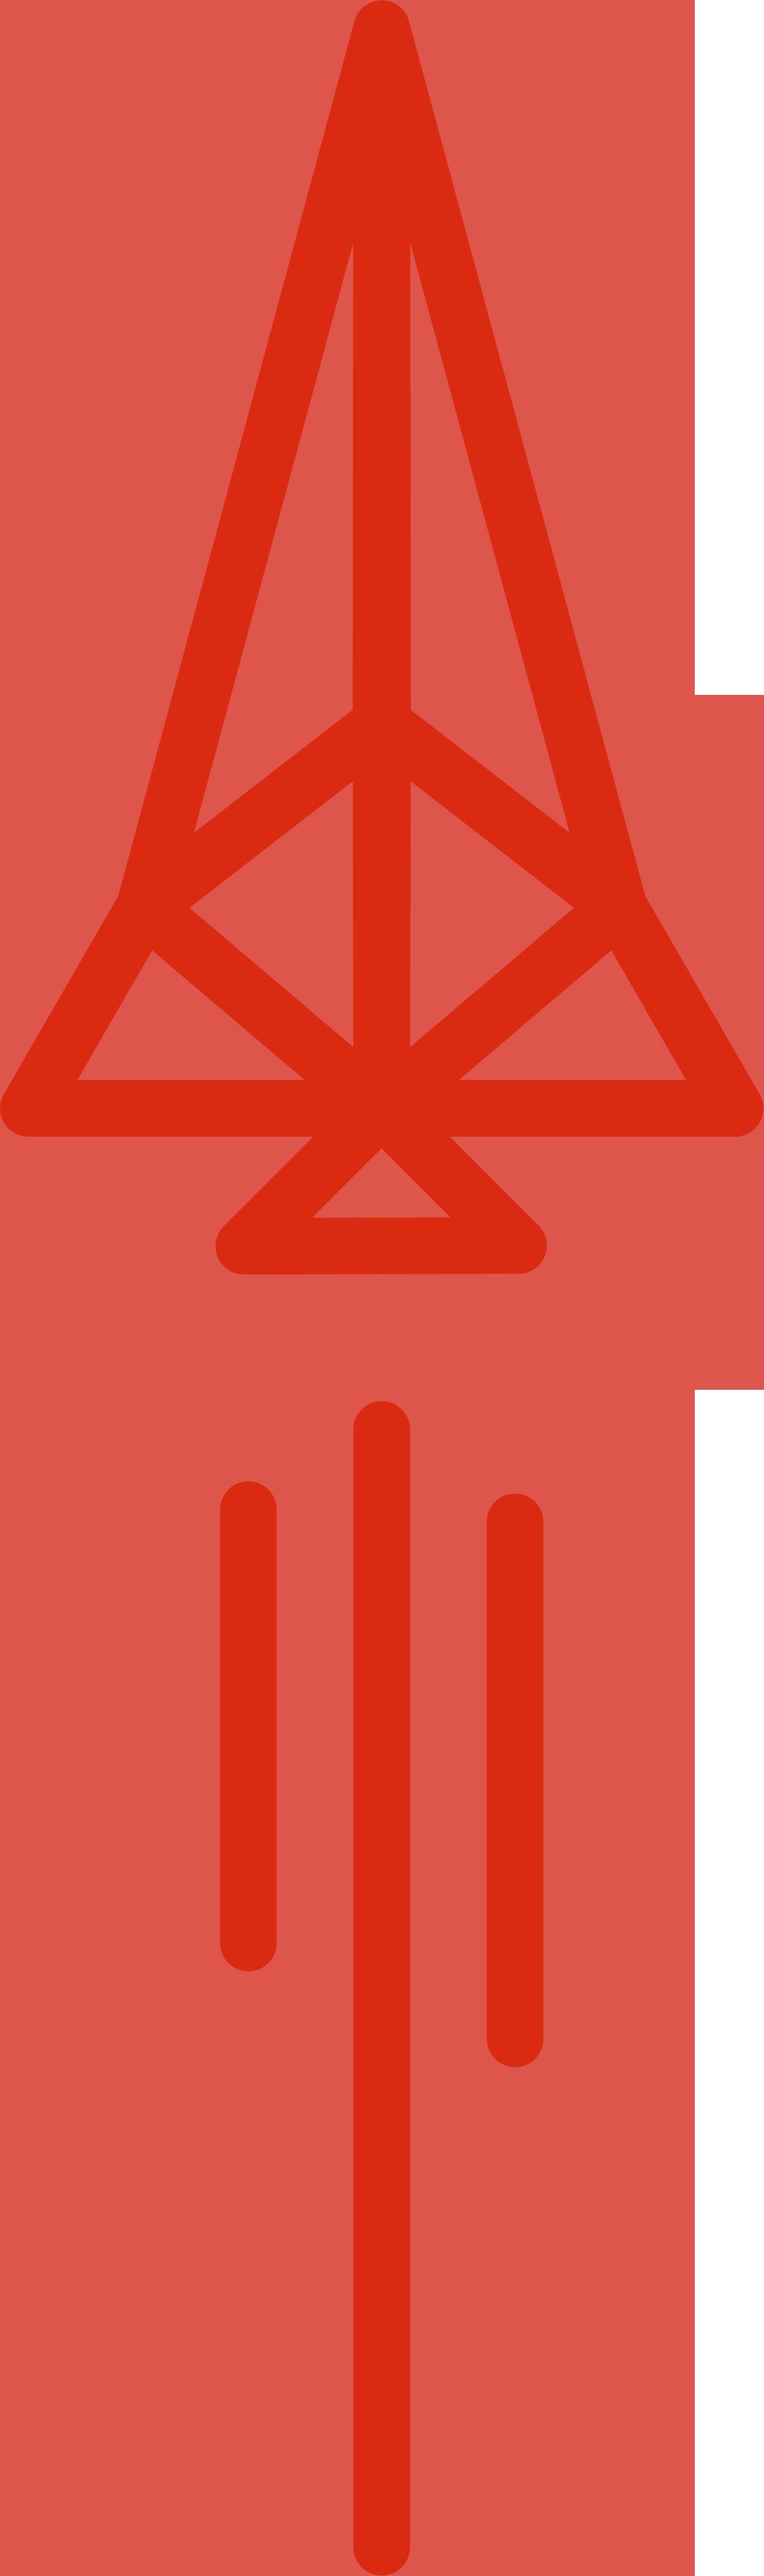 innovazione-icona-rossa_alfa